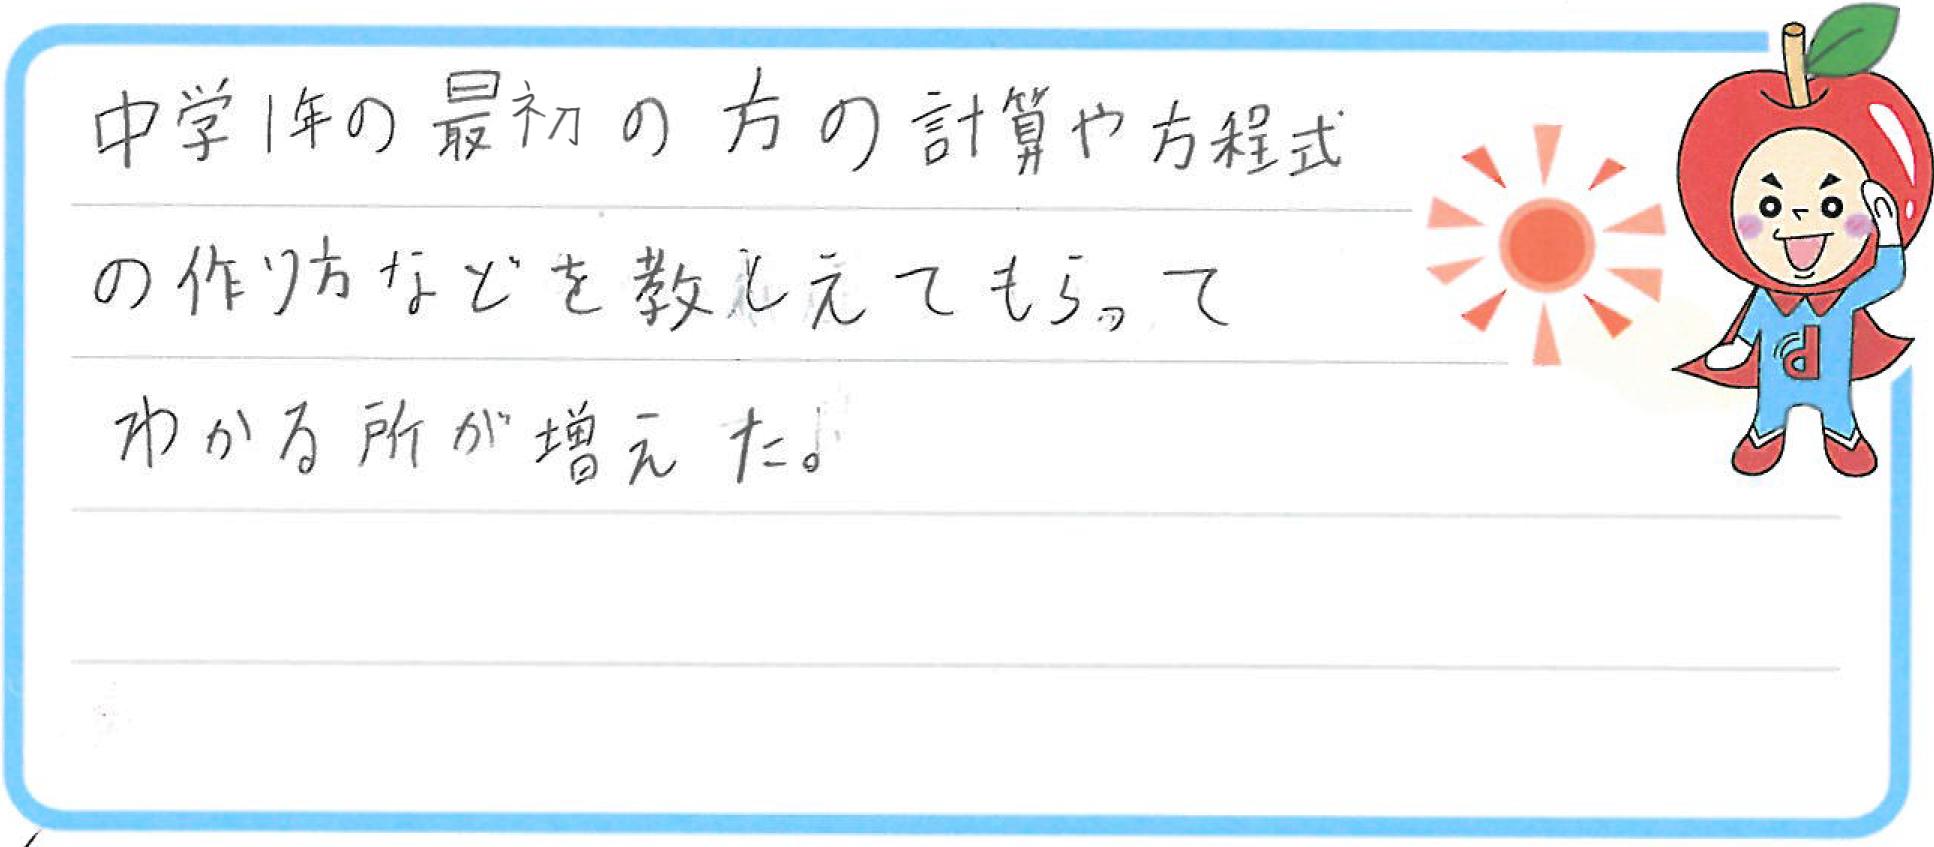 キノ君(加賀市)からの口コミ